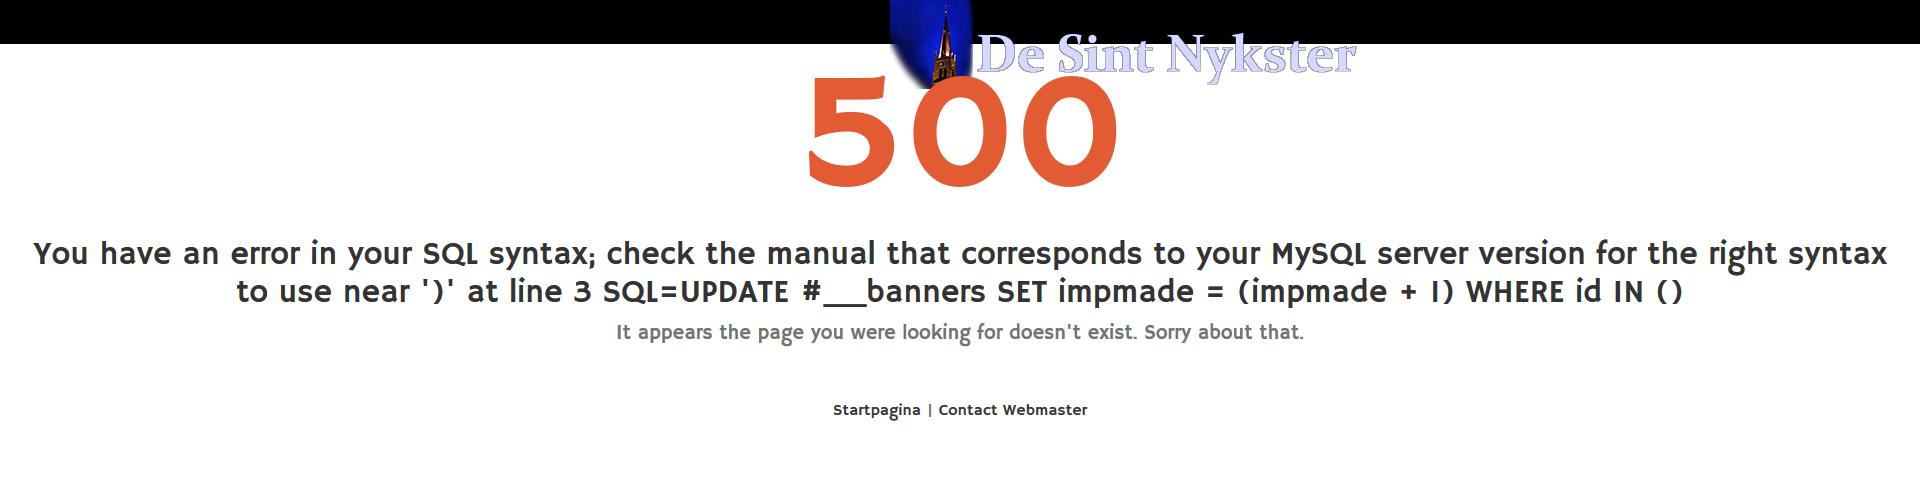 screenshot_error_banner